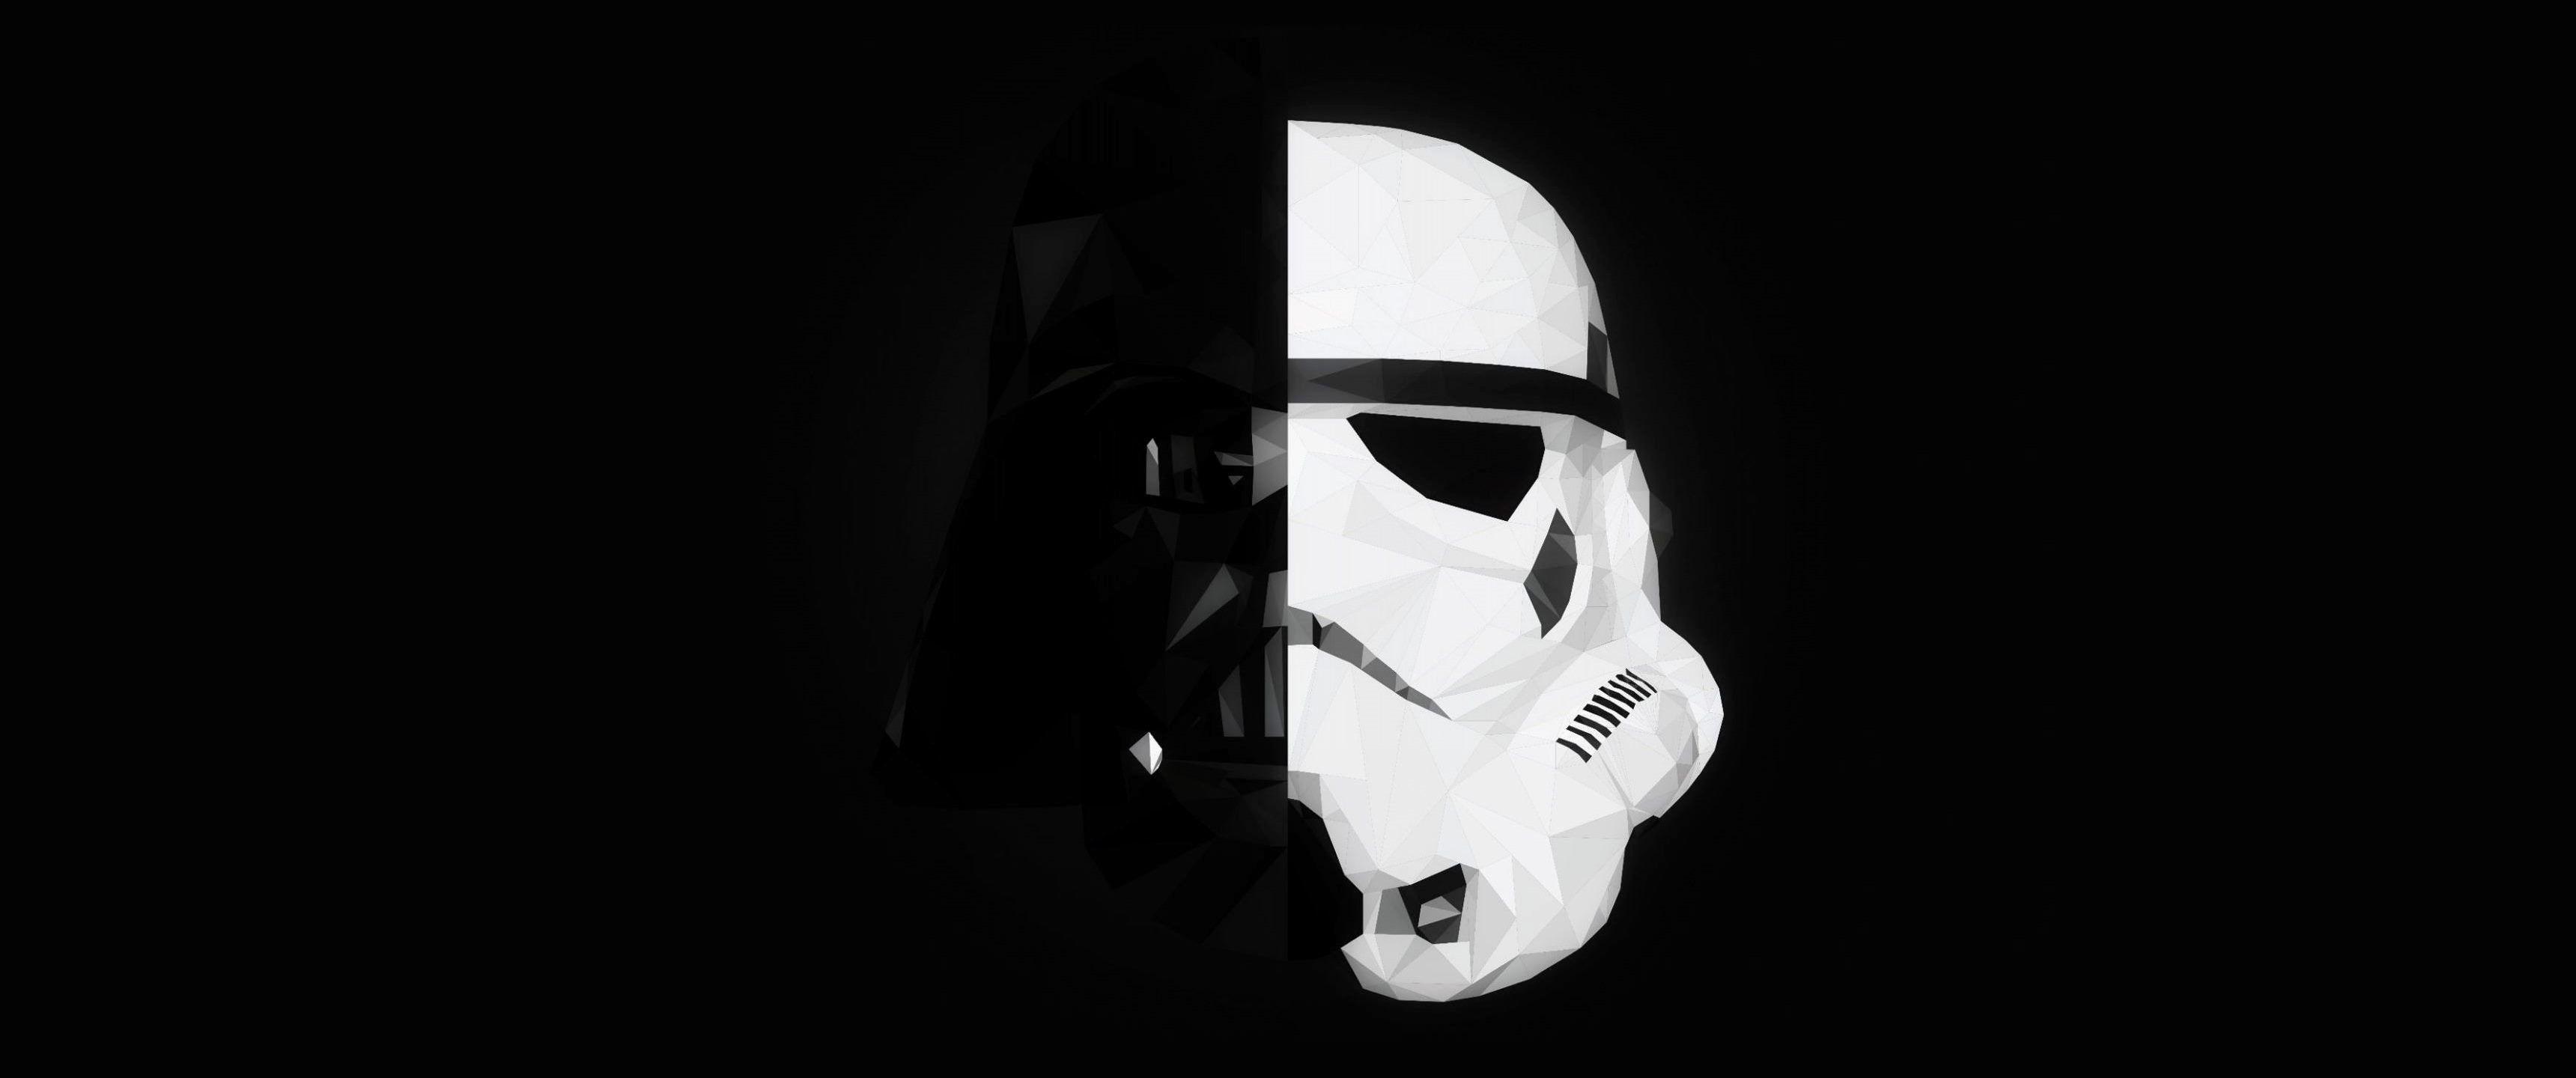 Stormtrooper Darth Vader Star Wars Mask Splitting